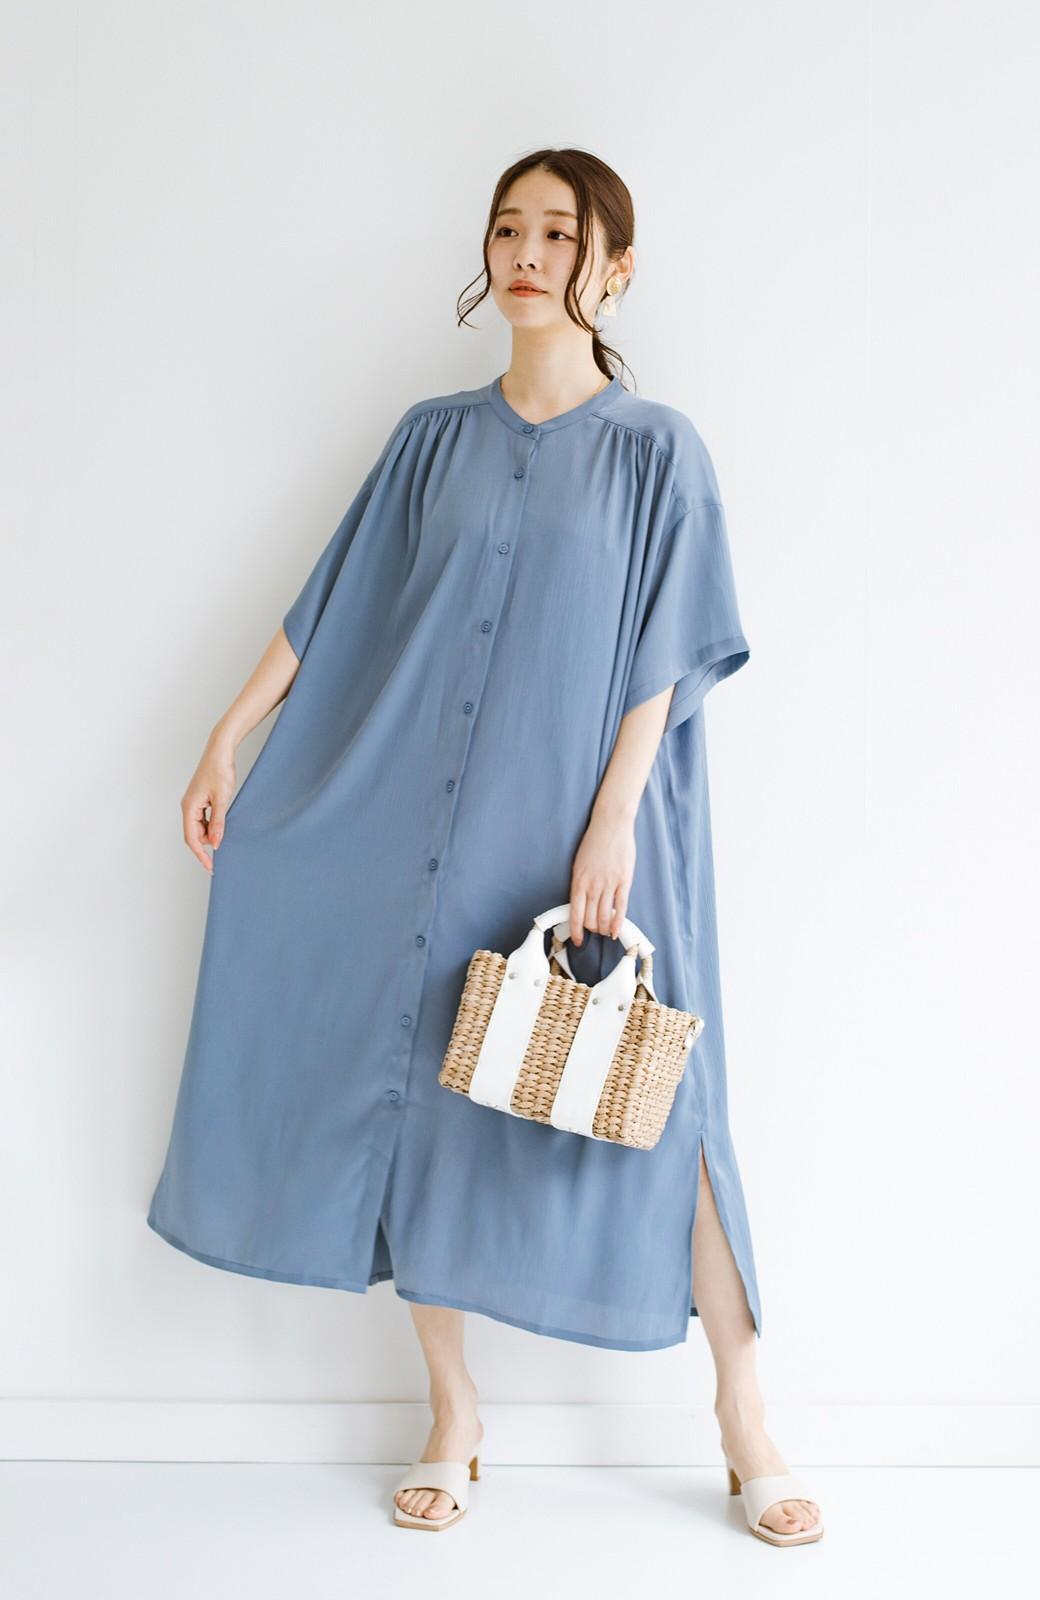 haco! 羽織としてもワンピースとしても着られちゃう 後ろ姿まで抜かりなくかわいいプリーツワンピース <ブルー>の商品写真17